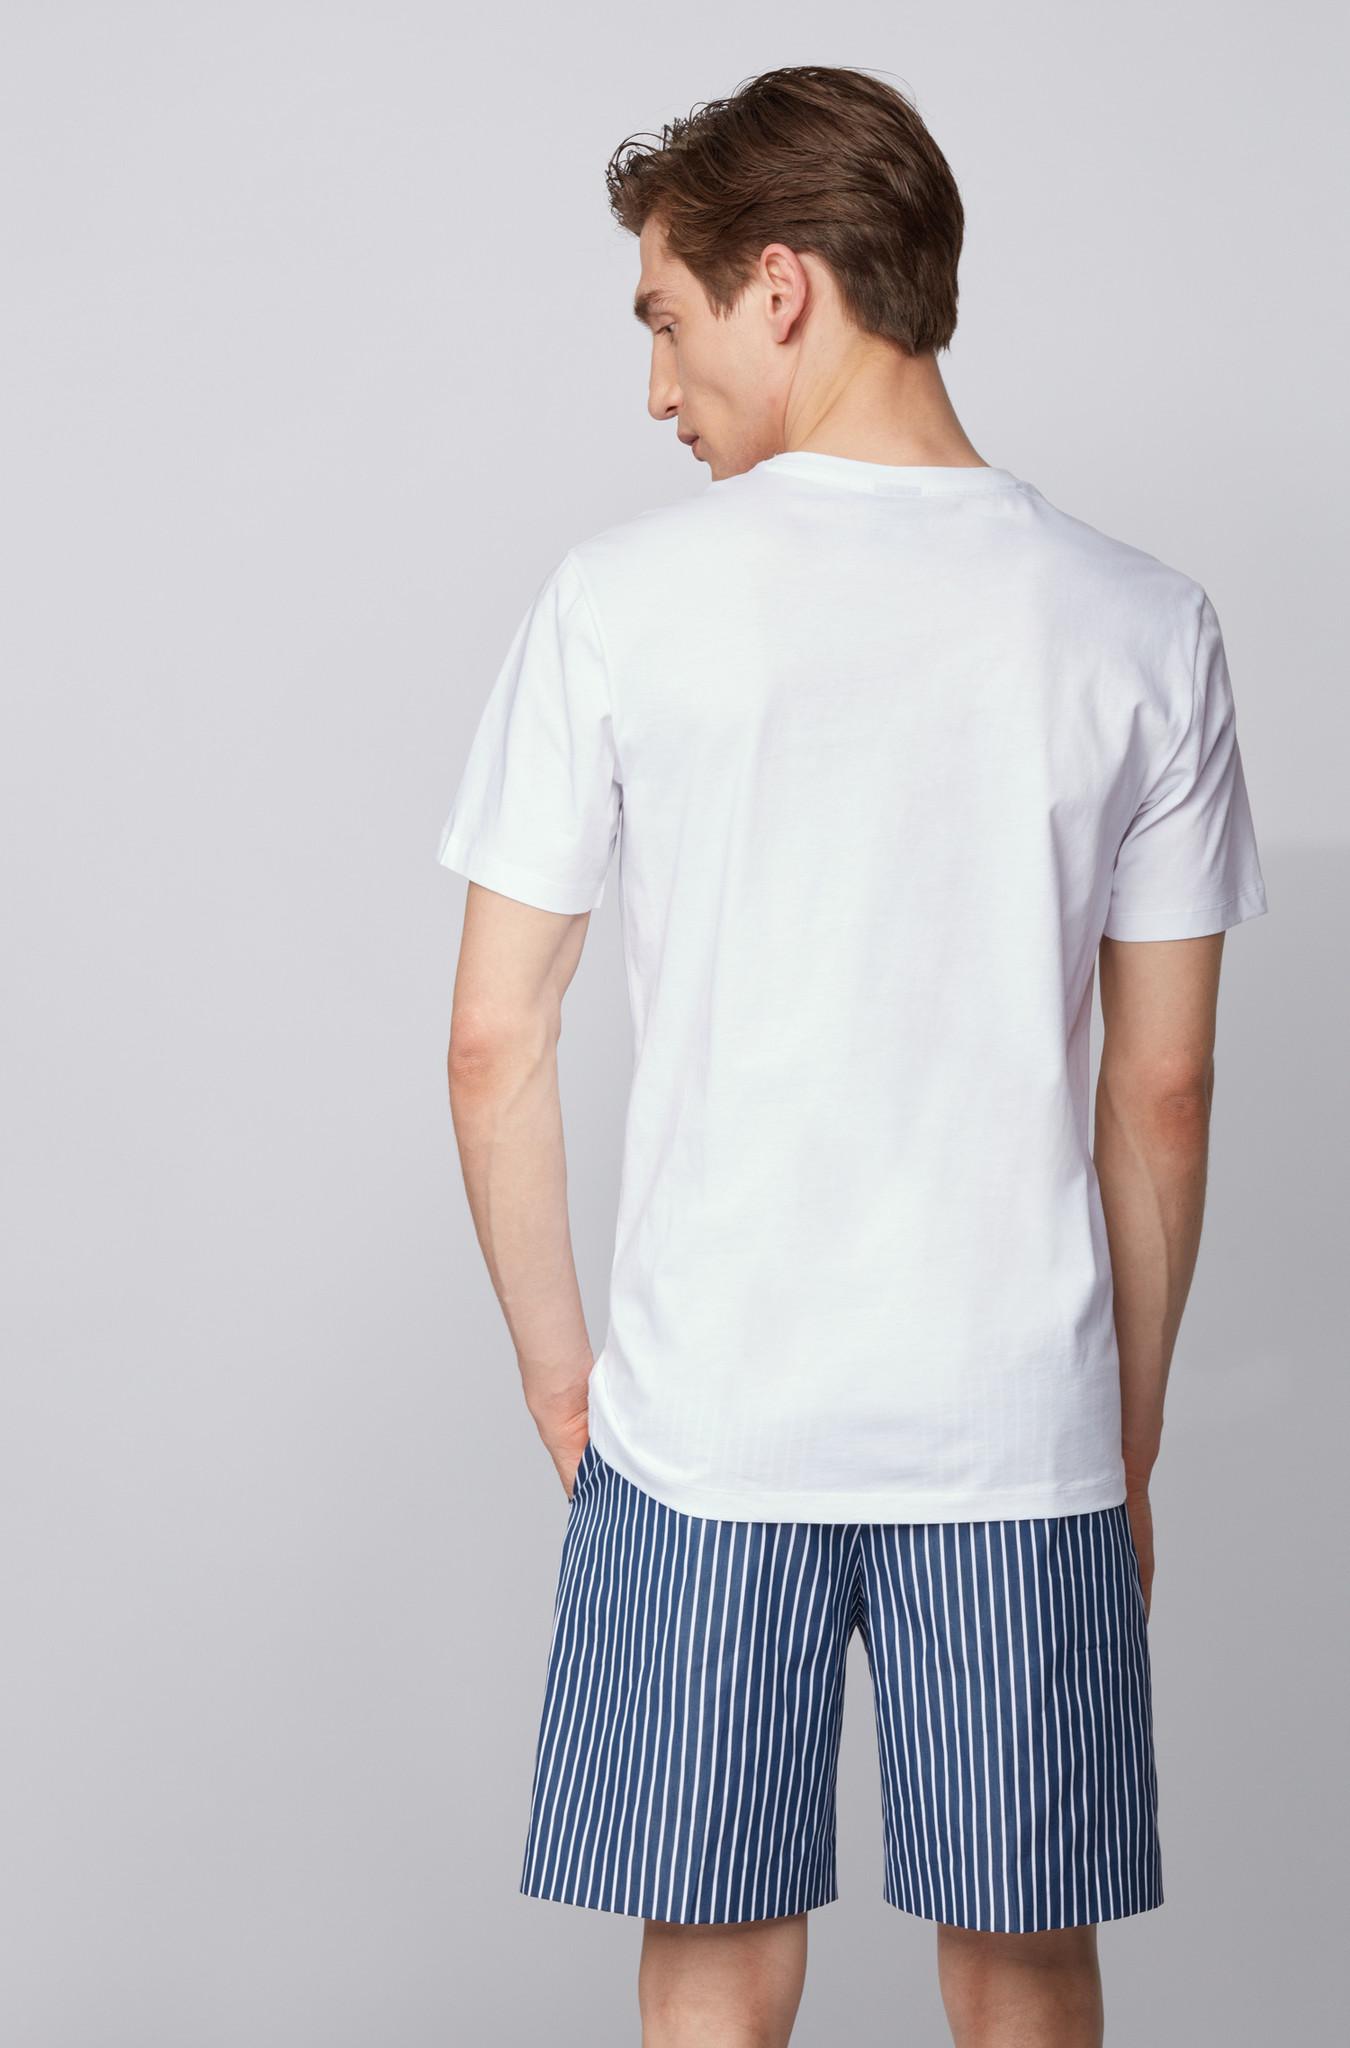 Hugo Boss T-shirt Hugo Boss 50385281-100